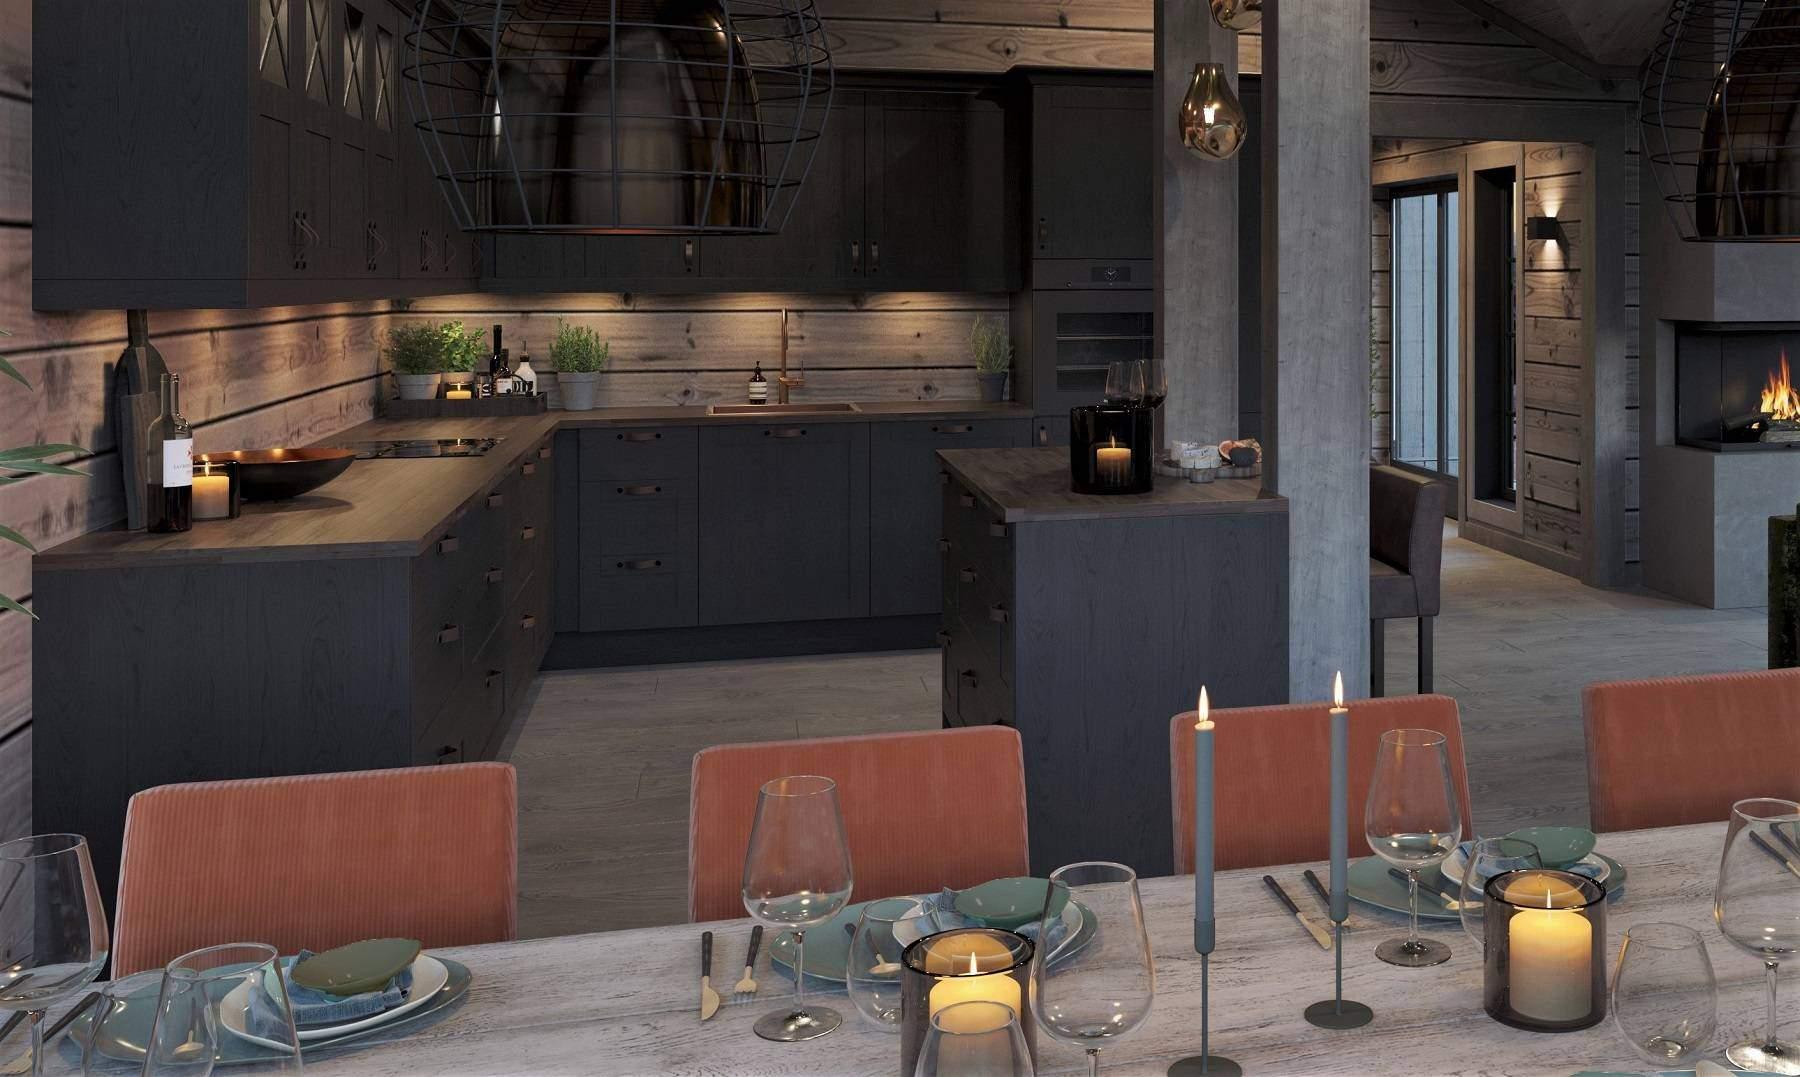 154 Praktisk kjøkken. – Hyttemodell Geilo 155